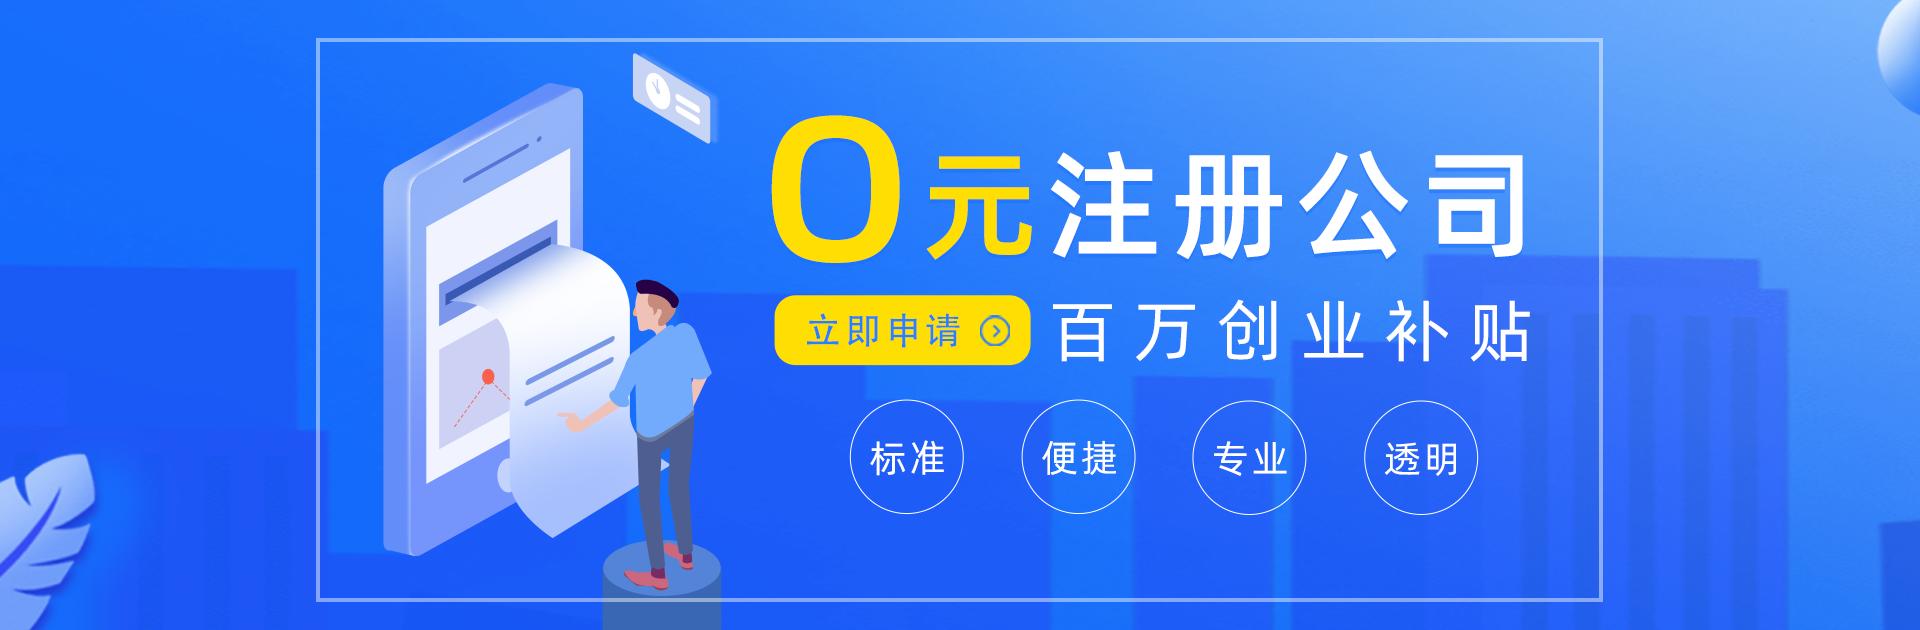 深圳市创业补贴|初创|社保|场租贴|带动就业补贴申请-万事惠